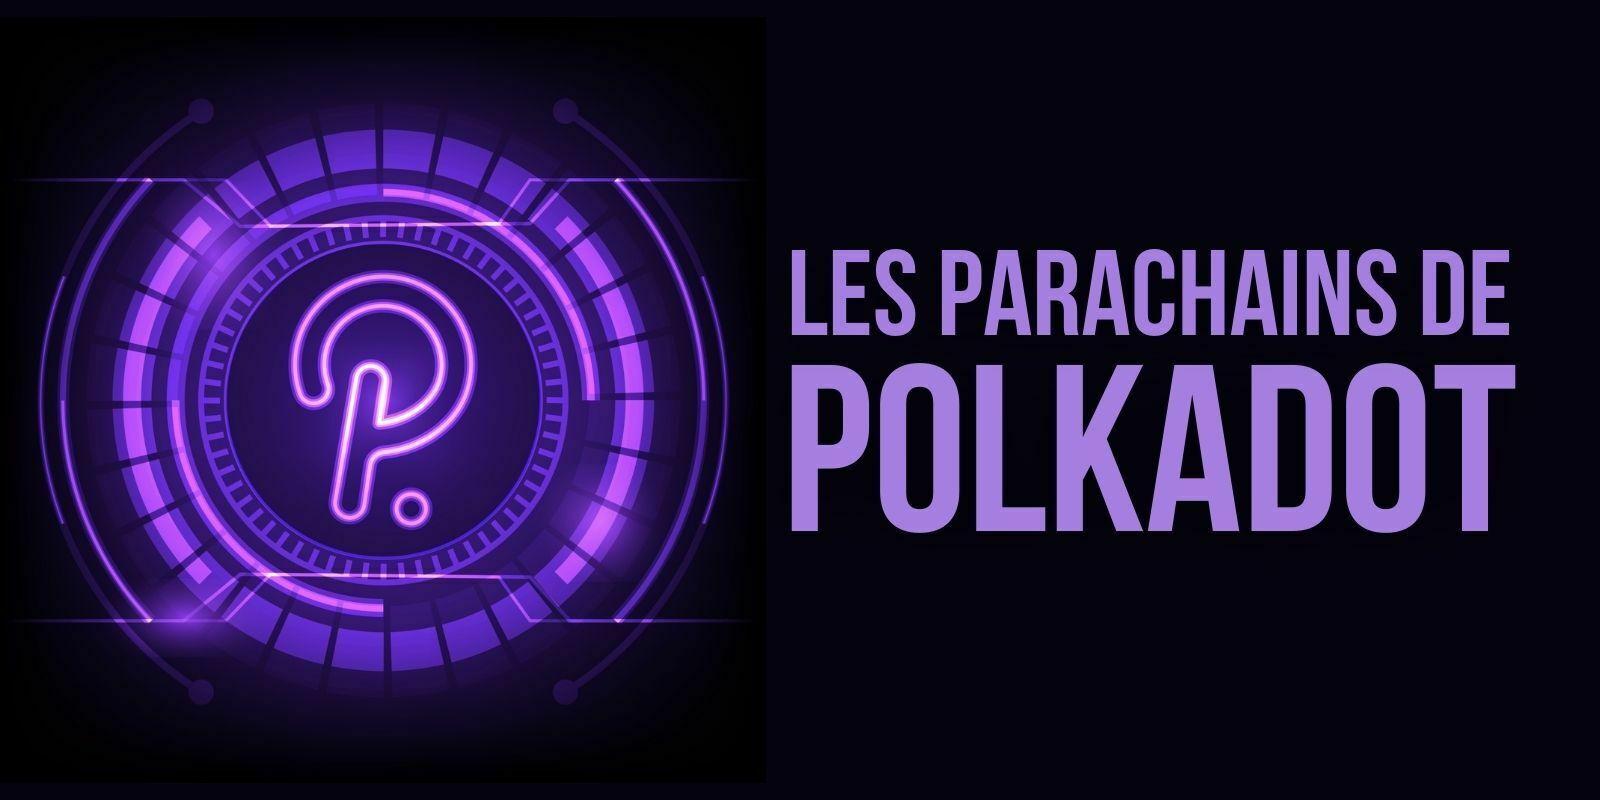 Polkadot annonce le lancement des parachains – Le cours du DOT prend +25%